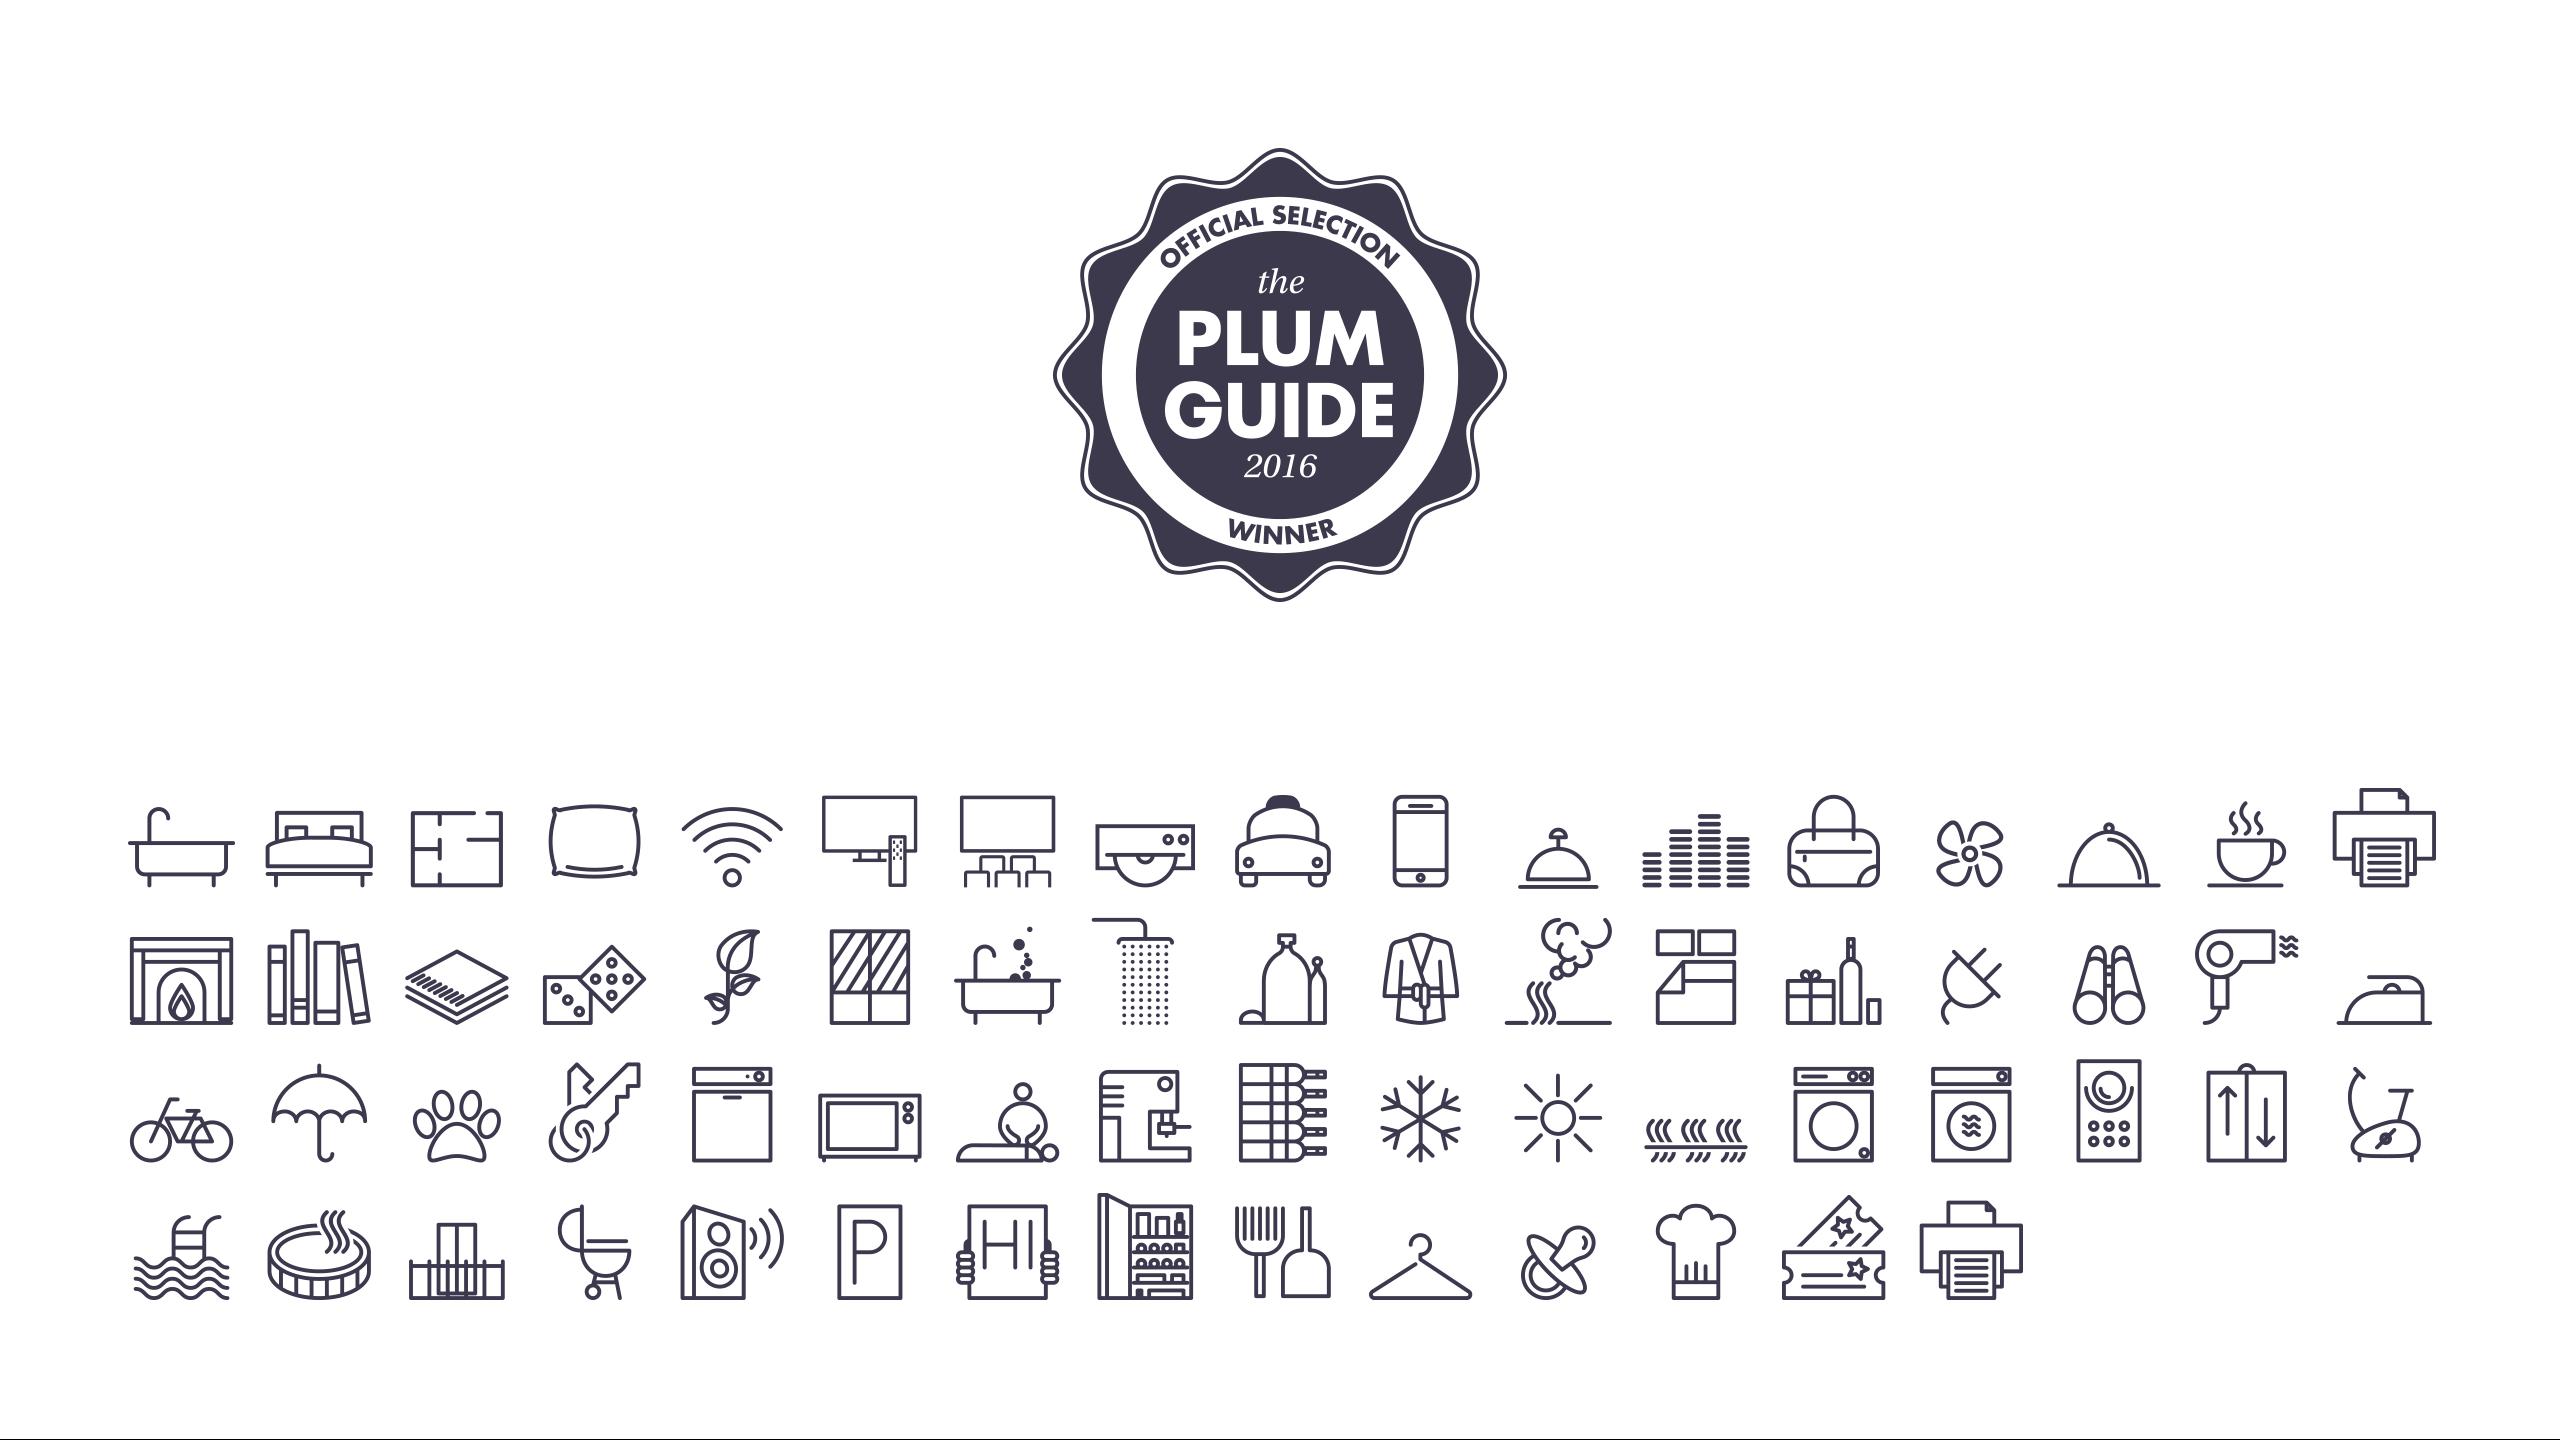 Plum-Guide-02